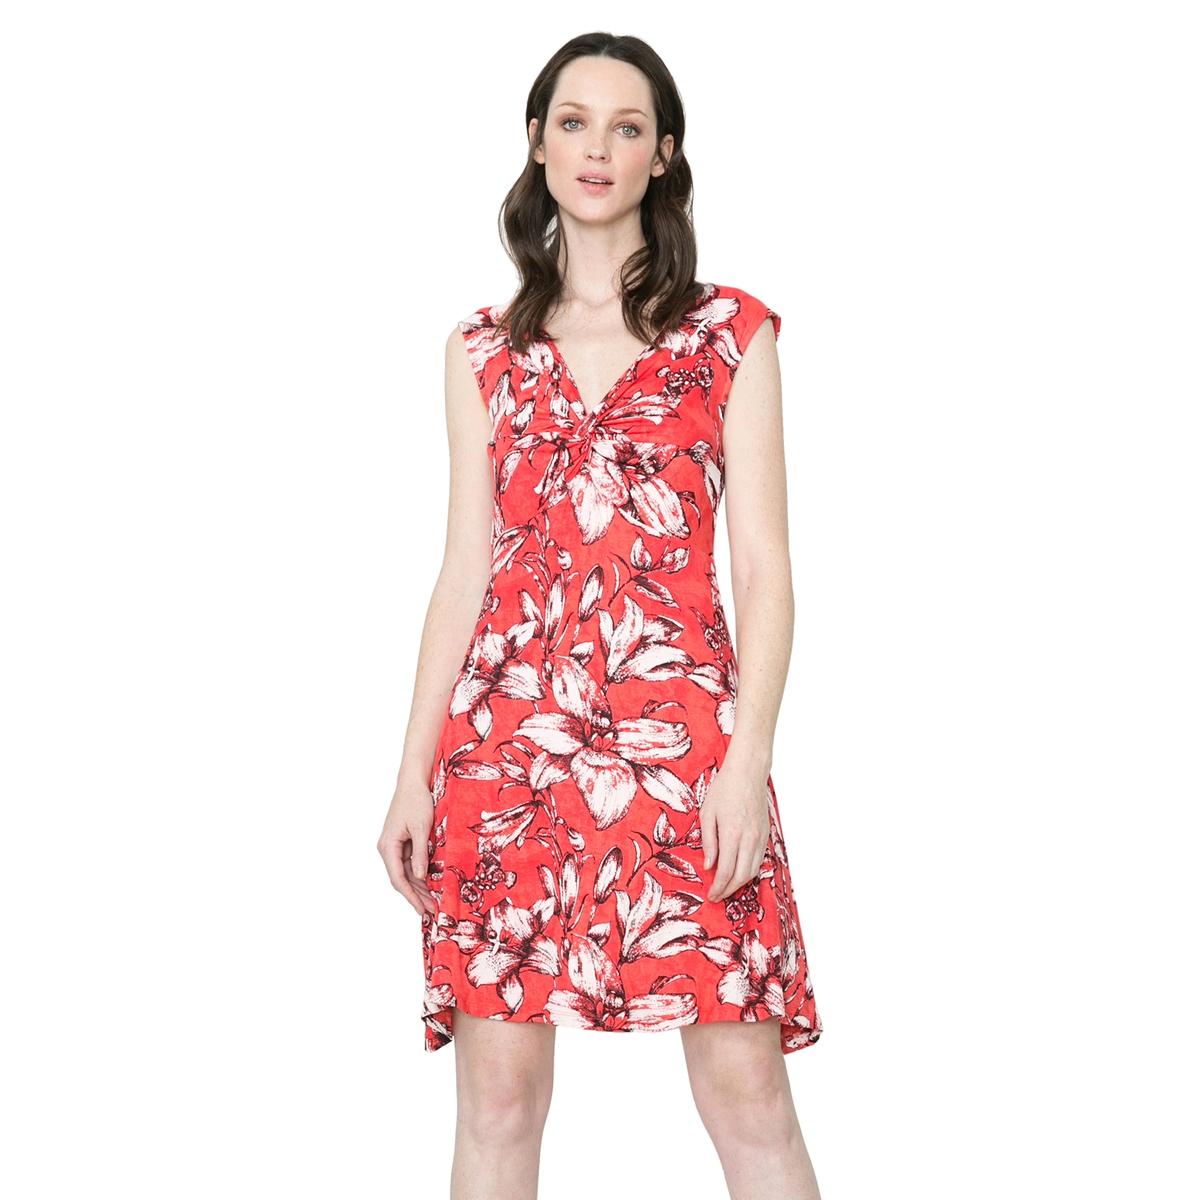 Платье без рукавов, с принтом, вуаль на подкладке  DESIGUAL, Vest JuanaСостав и детали :Материал : 100% полиэстер Марка : DESIGUALУходМашинная стирка при 30°C<br><br>Цвет: красный наб. рисунок<br>Размер: S